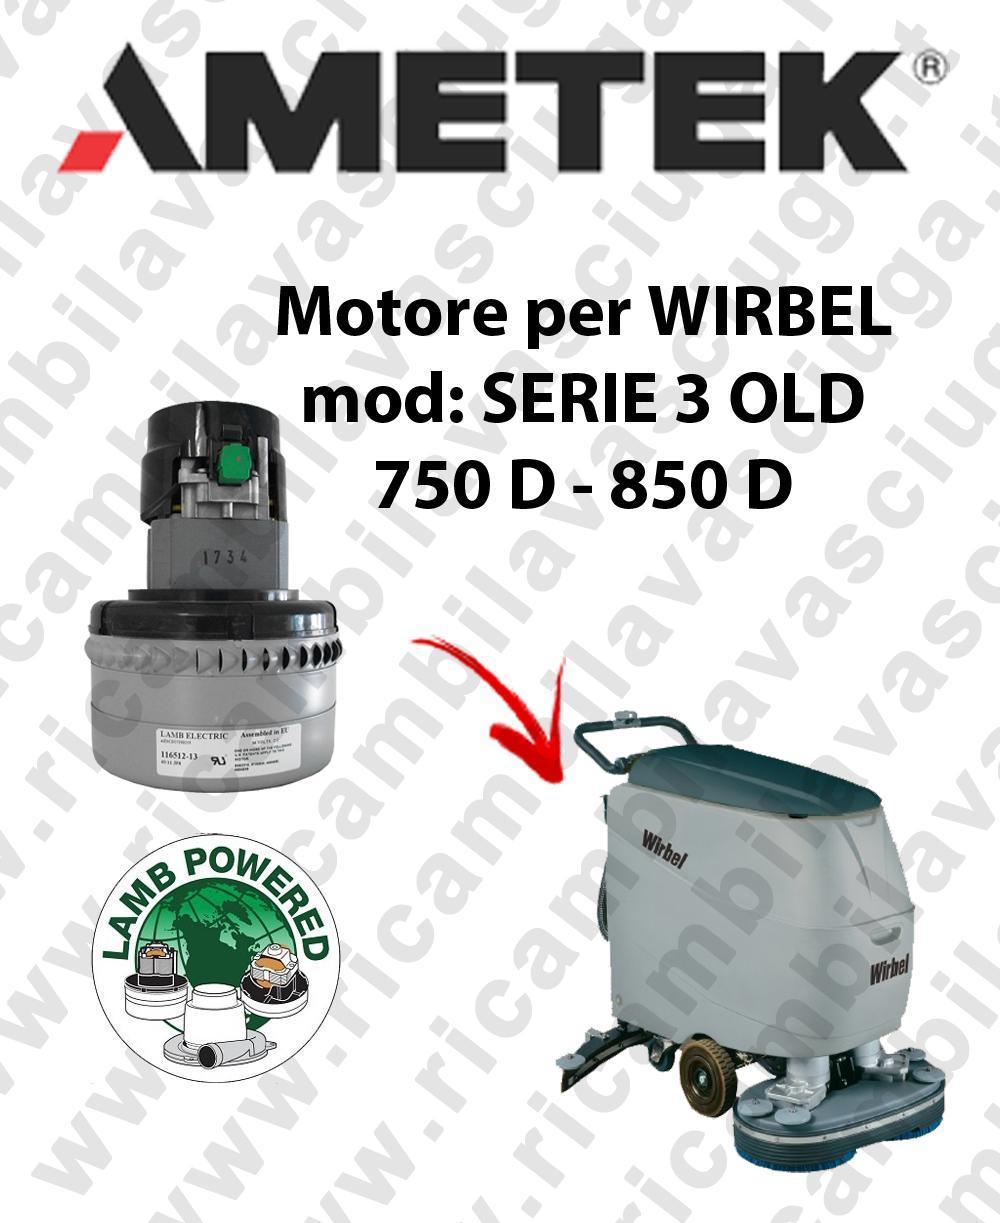 SERIE 3 OLD 750 D - 850 D Saugmotor LAMB AMETEK für scheuersaugmaschinen WIRBEL